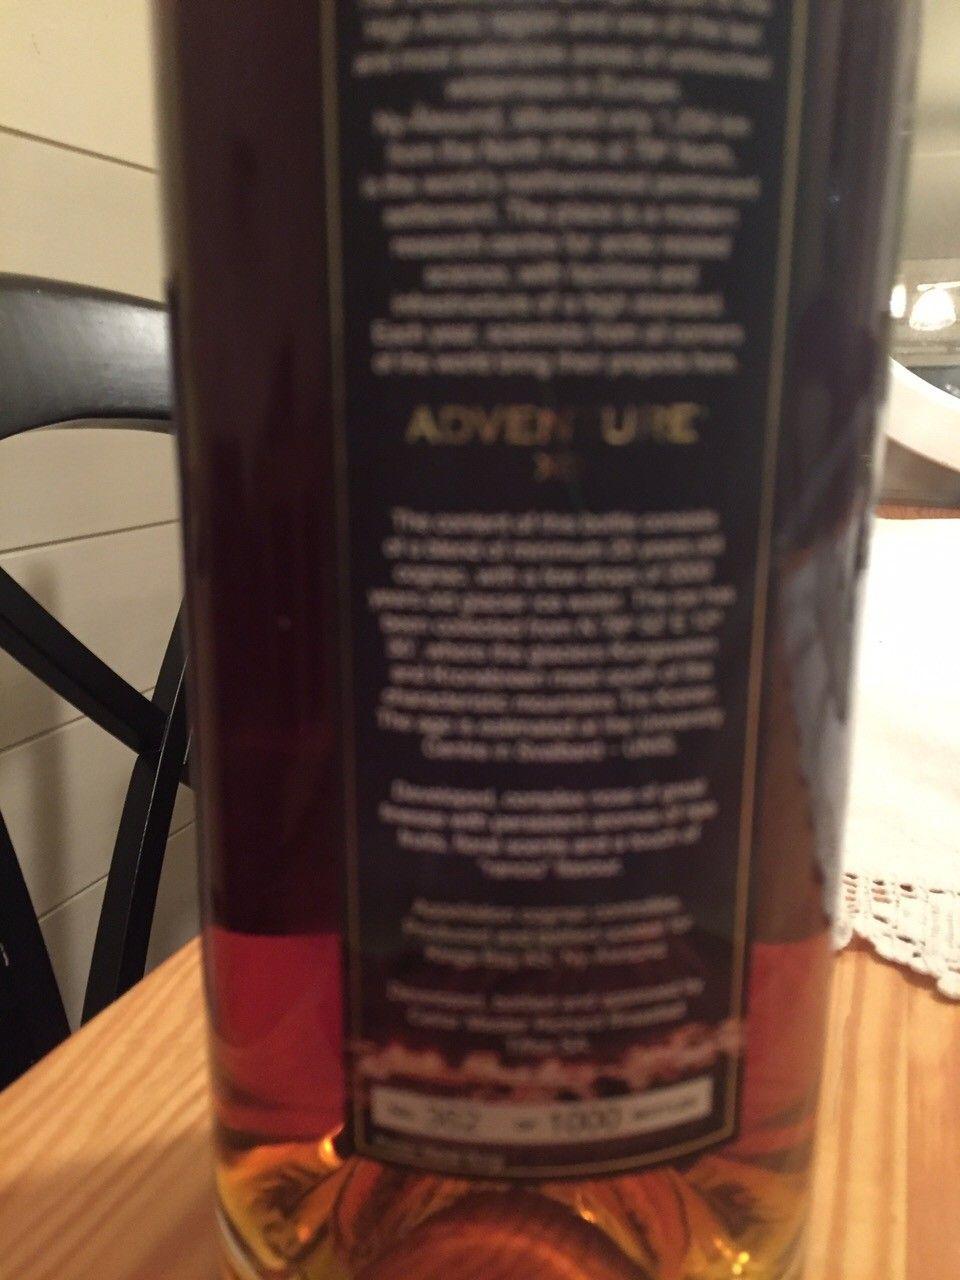 Cognac fra Ny-Ålesund XO - Oslo  - Ny-Ålesund cognac selges hbo kr 900,-. - Oslo